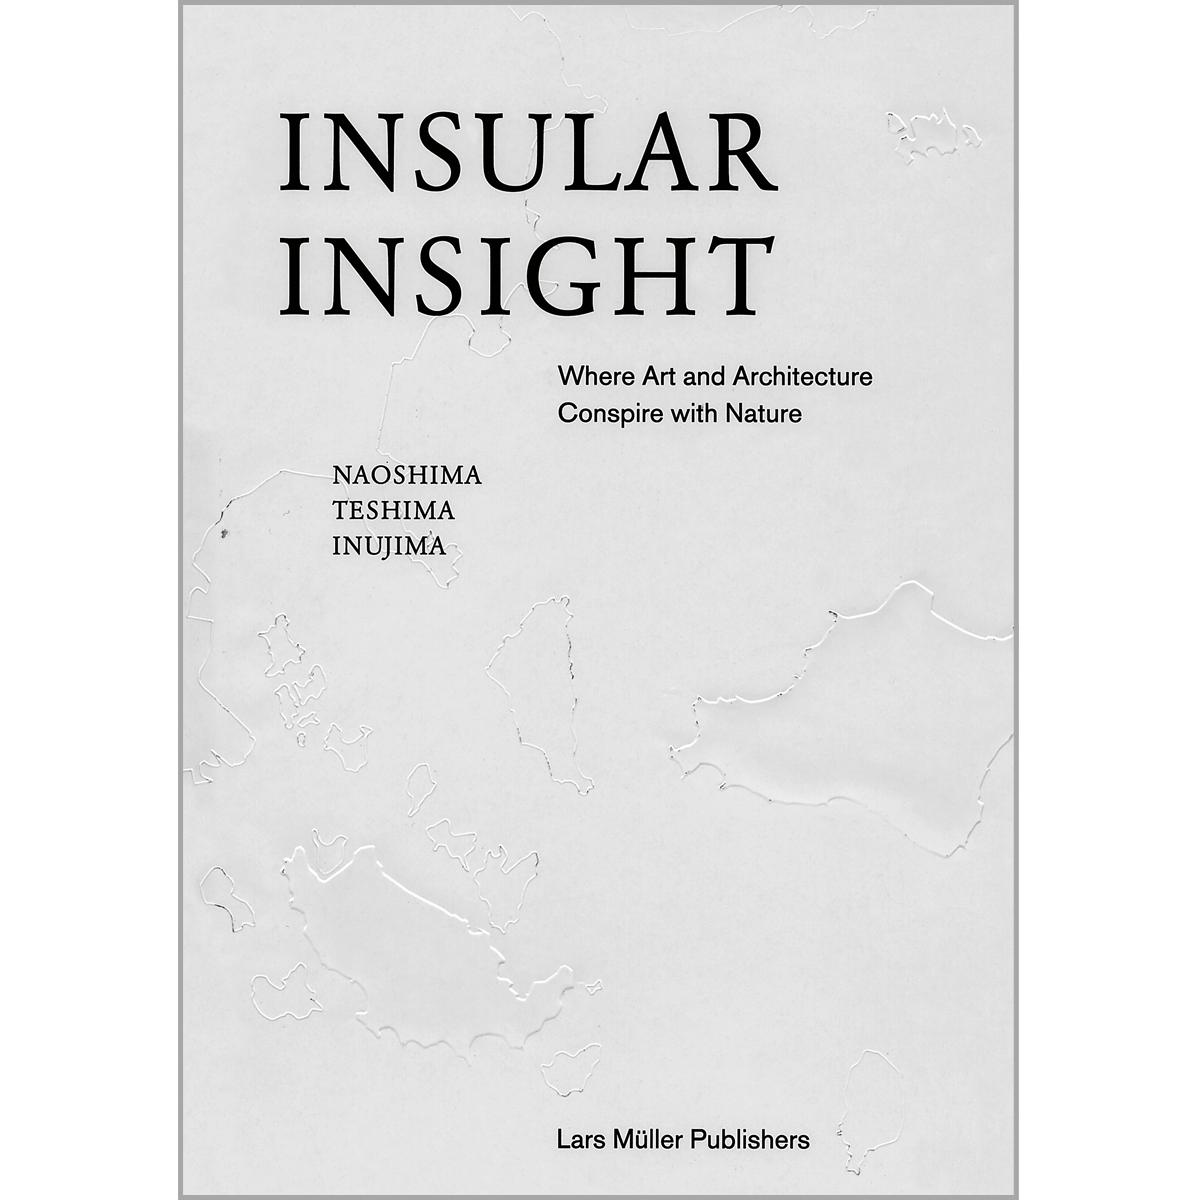 Insular Insight